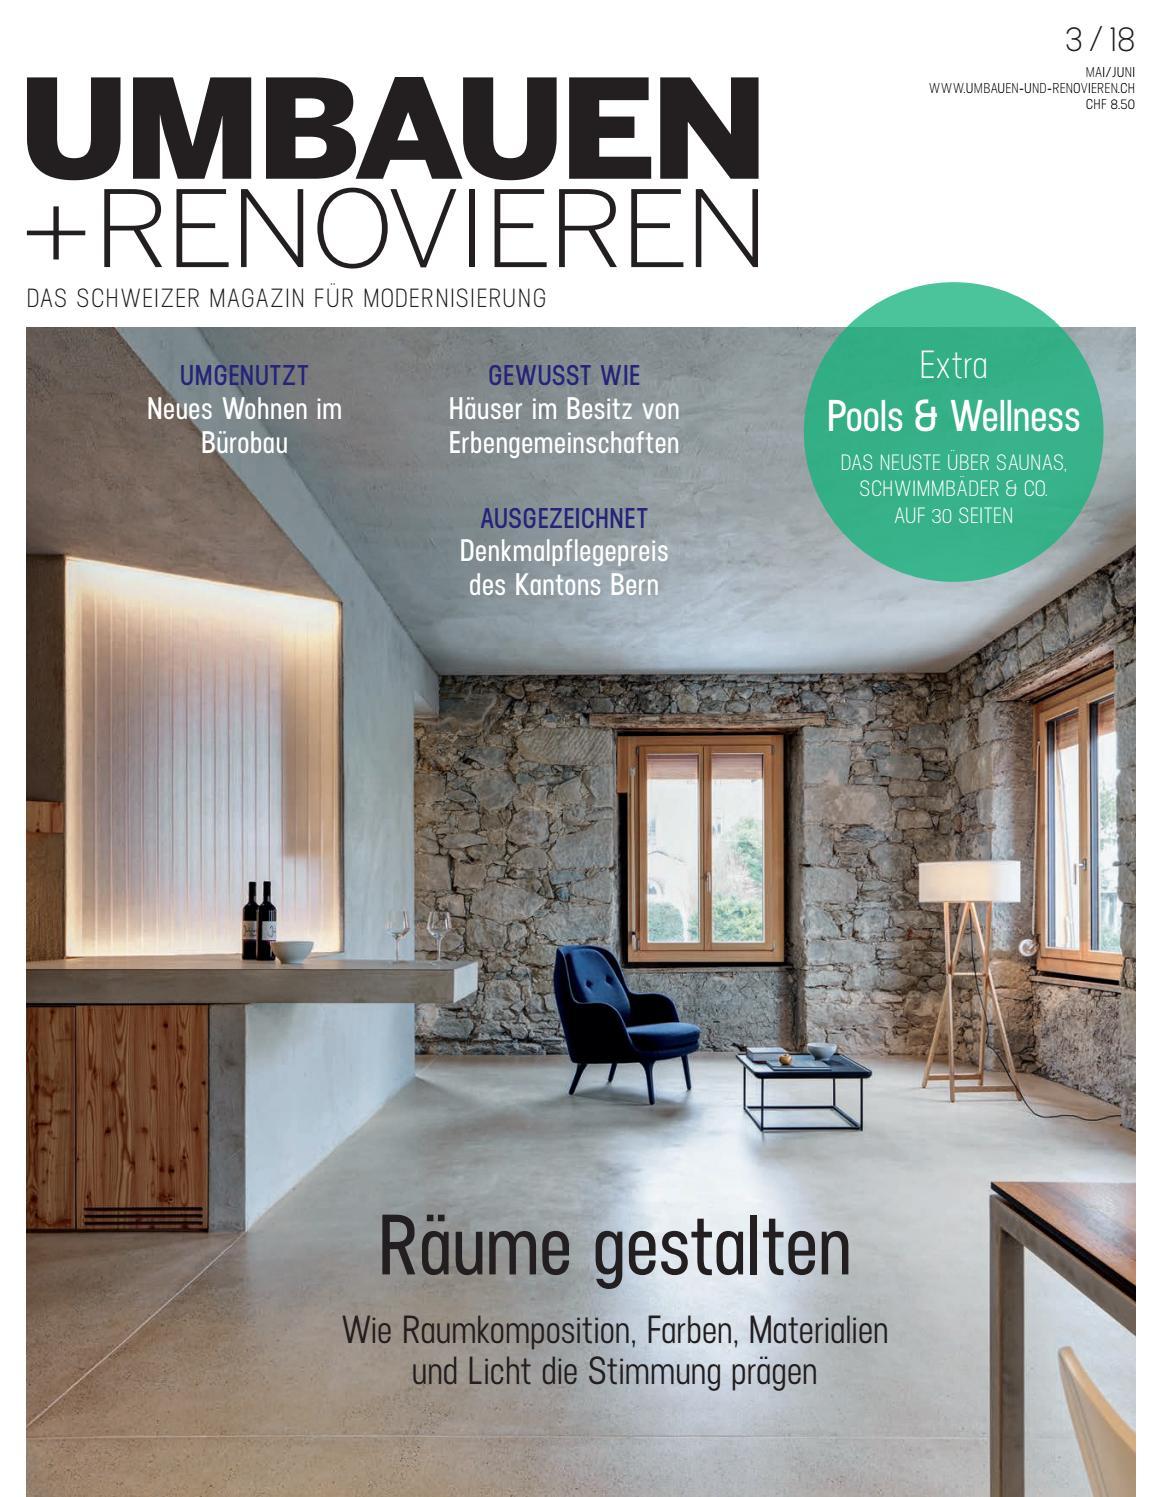 Charmant Budget Küche Umbauen Uk Fotos - Ideen Für Die Küche ...